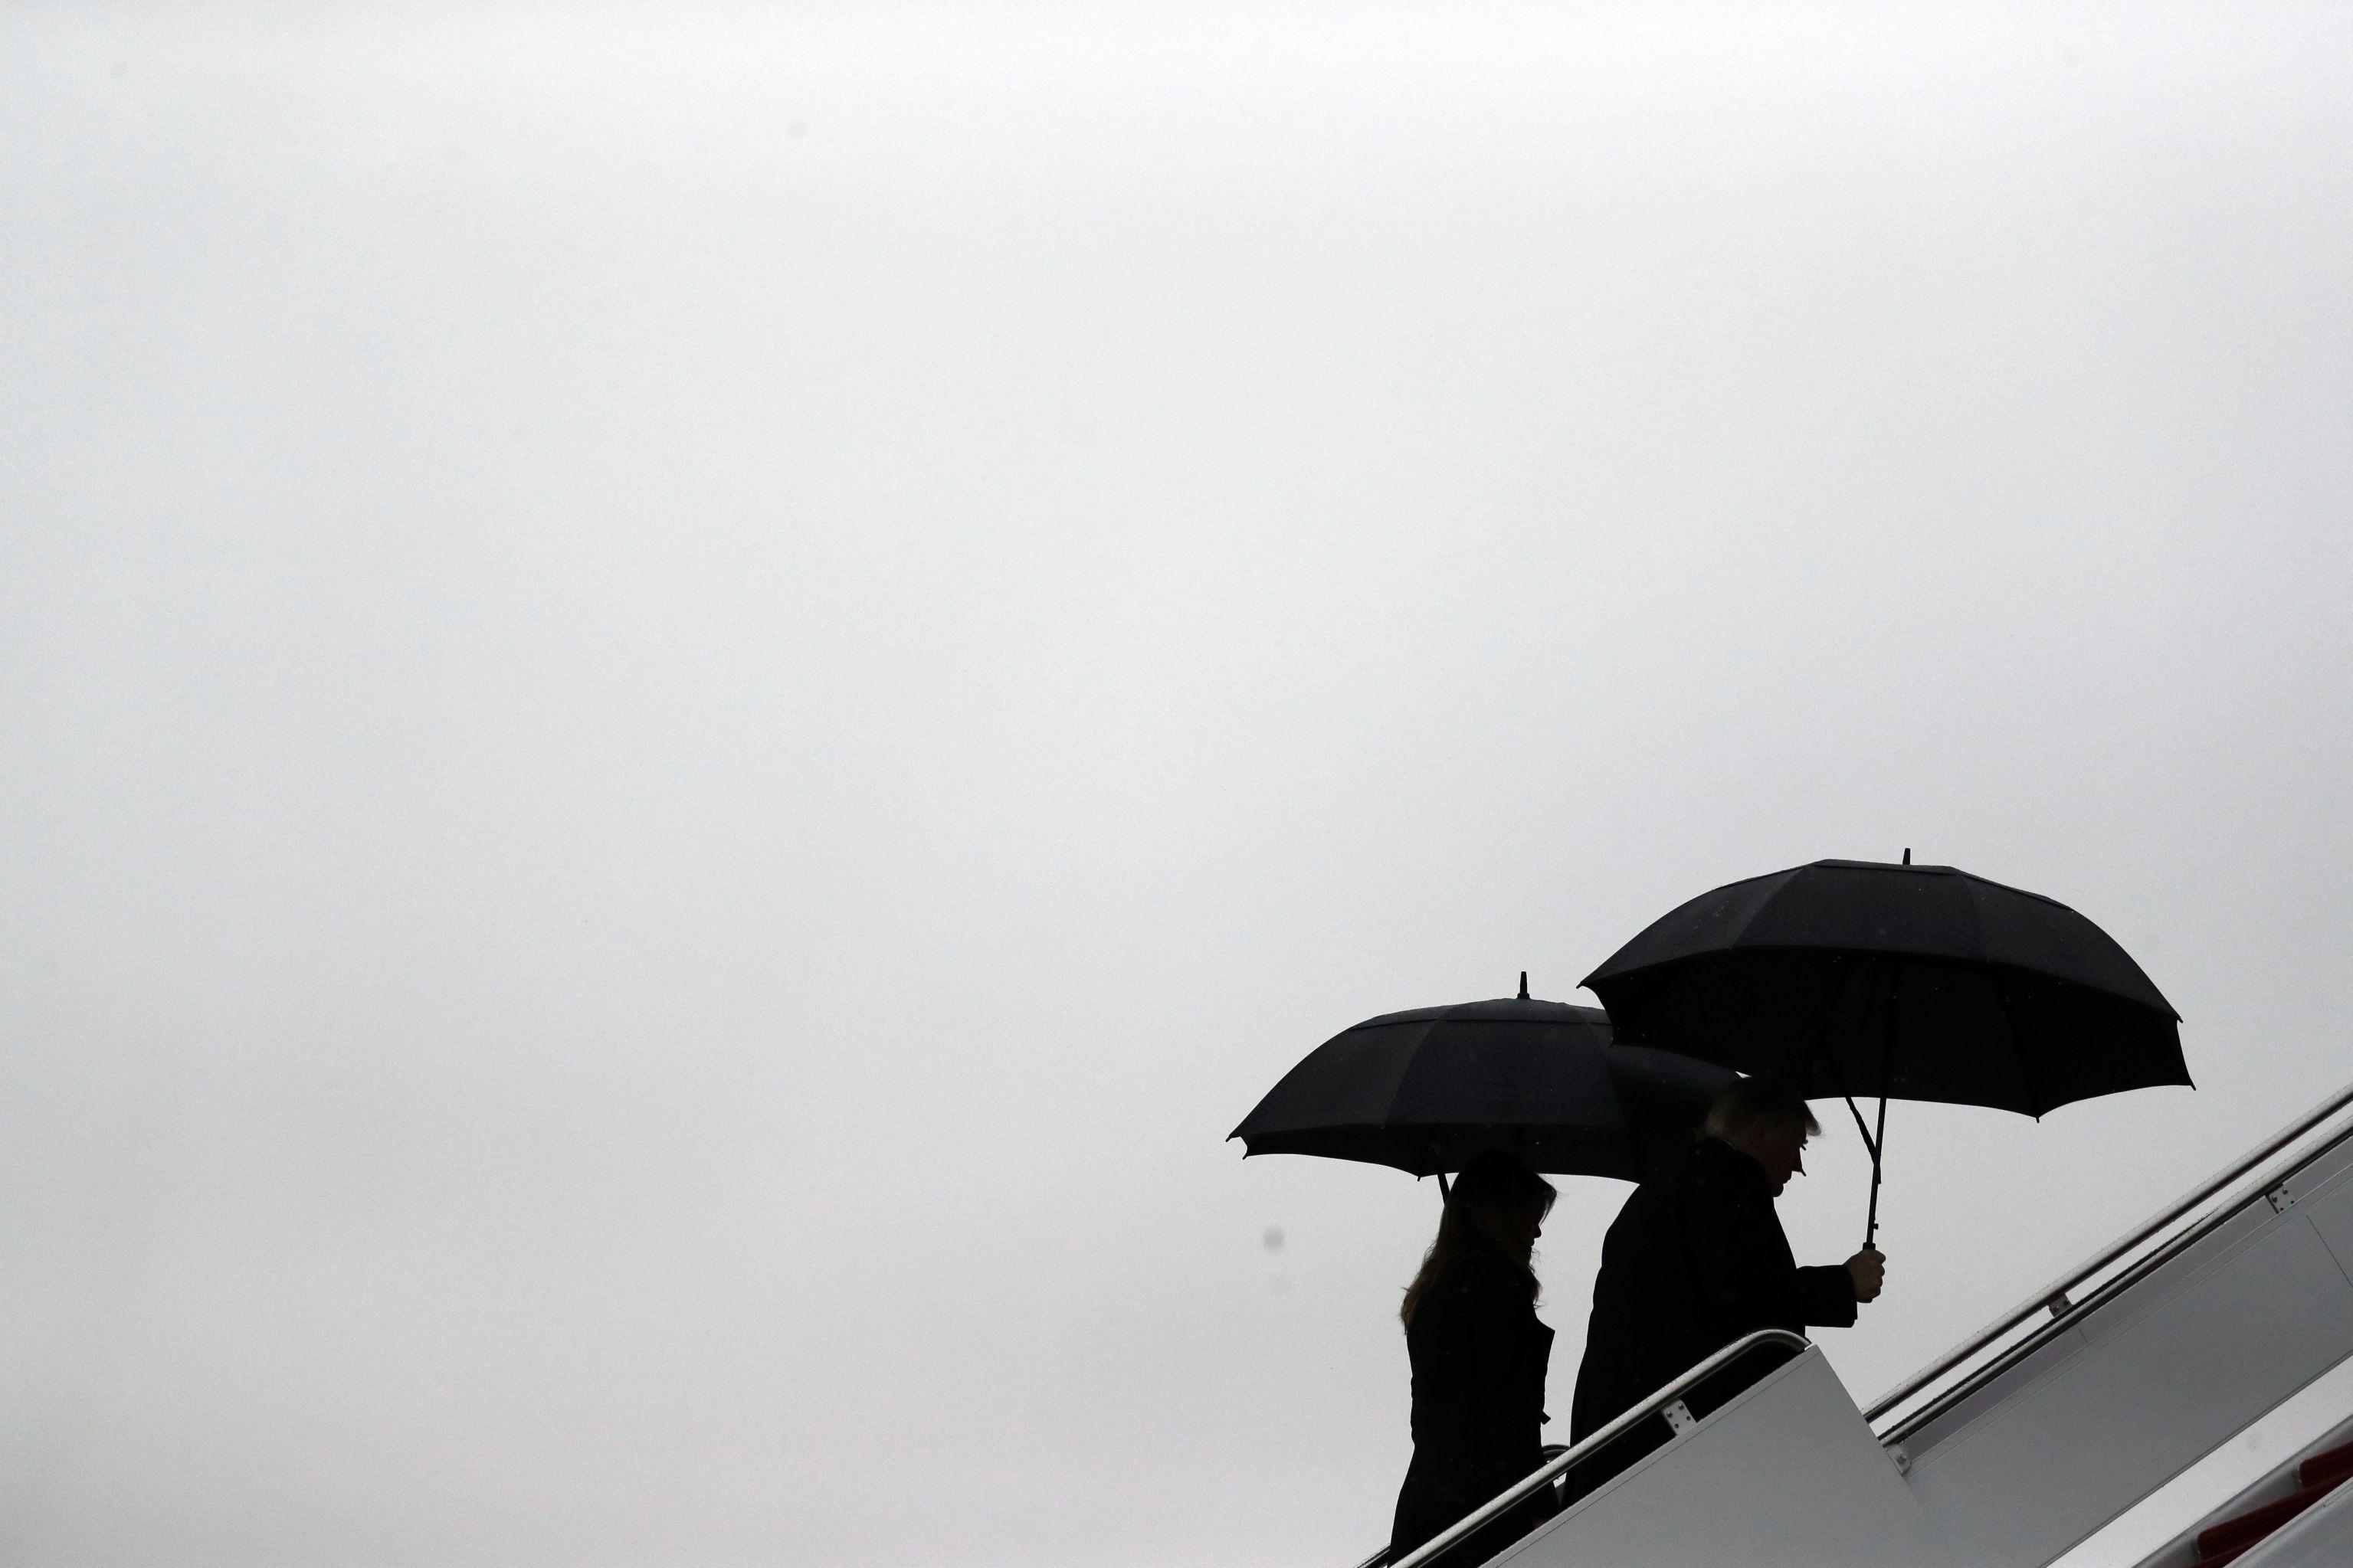 Presidente e primeira-dama dos EUA embarcam no avião presidencial com rumo à Conferência de Líderes da OTAN, em 2 de dezembro de 2019